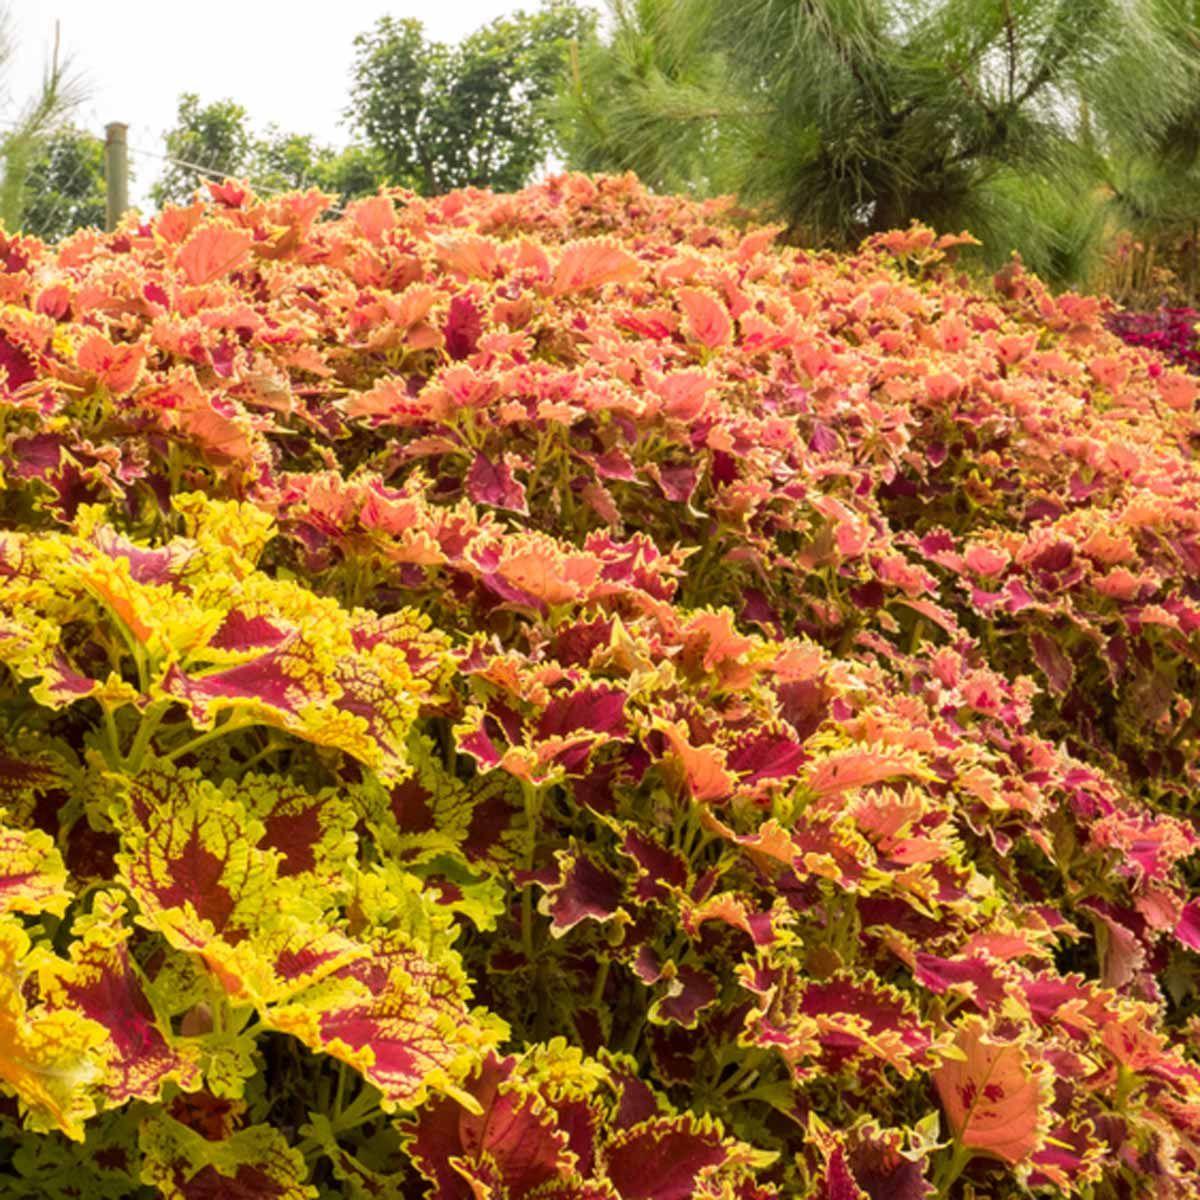 Crazy About Coleus Plants, Landscape, Foliage plants